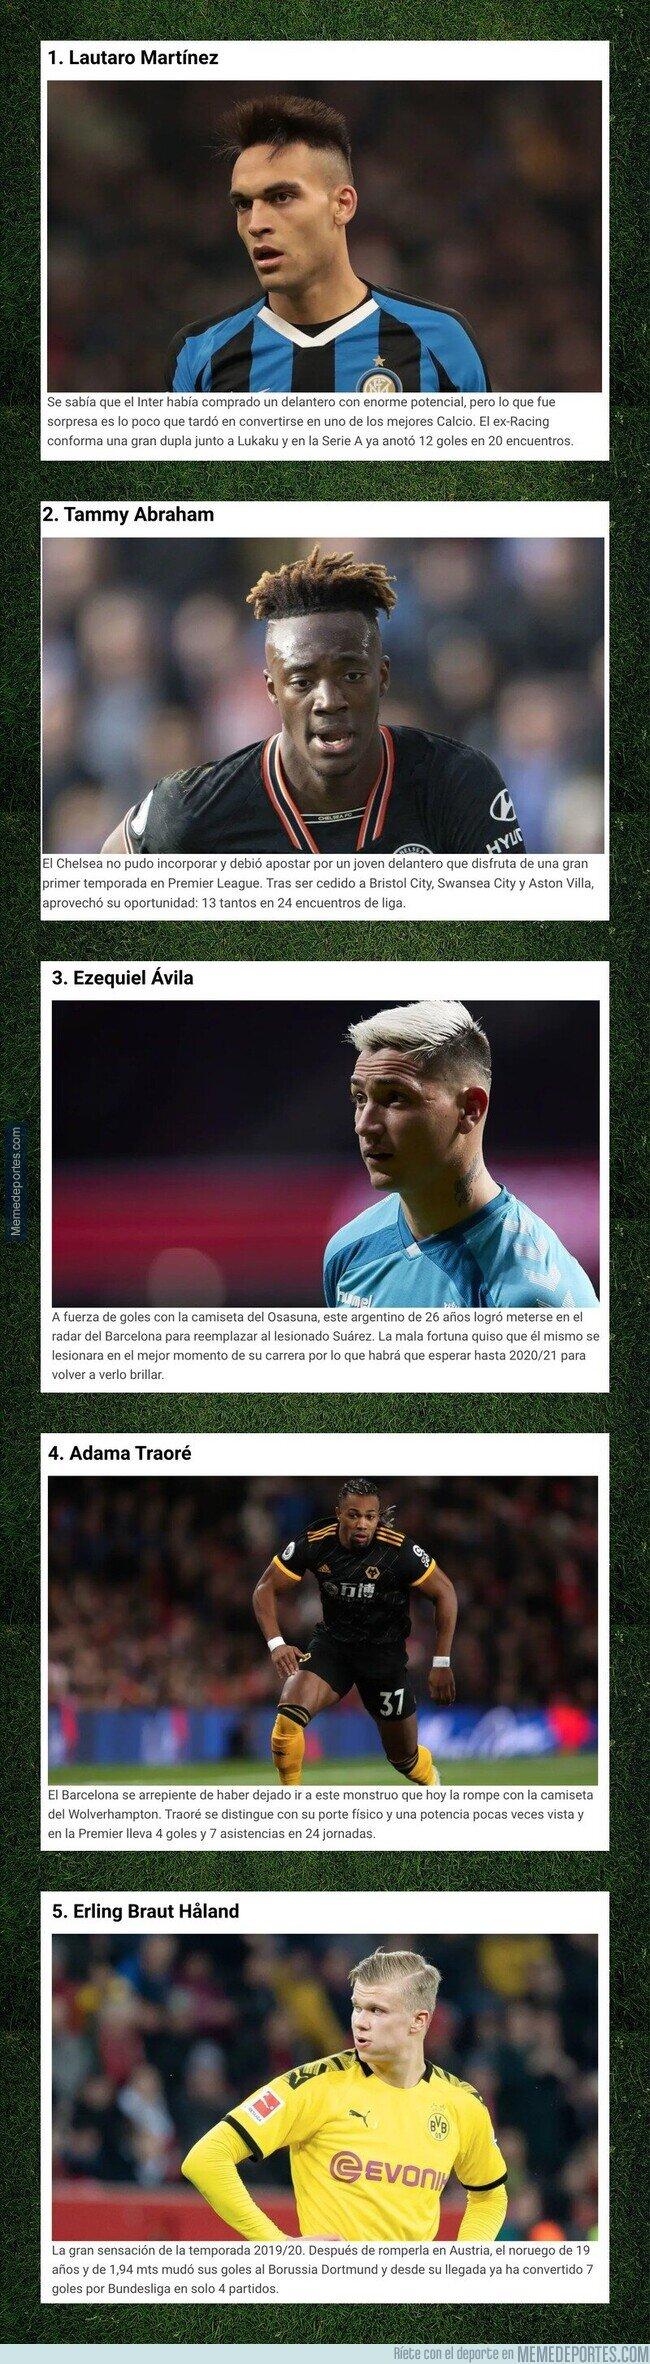 1098094 - Cinco grandes revelaciones del fútbol europeo en esta temporada